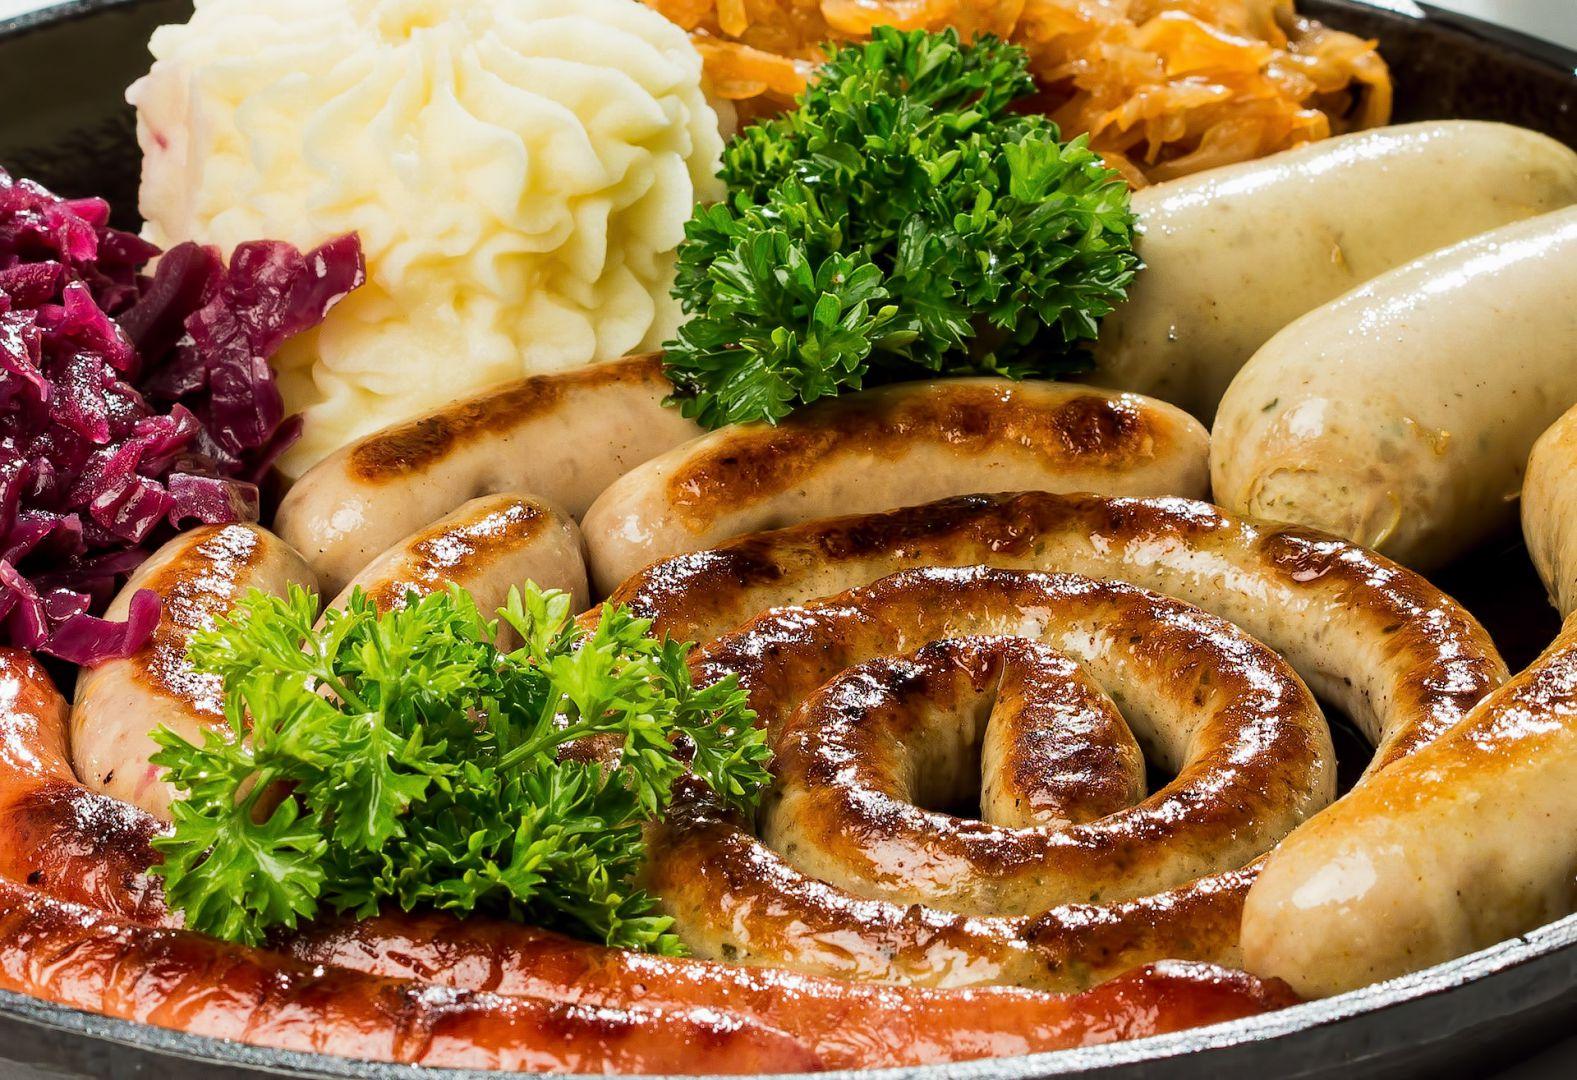 немецкие колбаски картинка природное явление